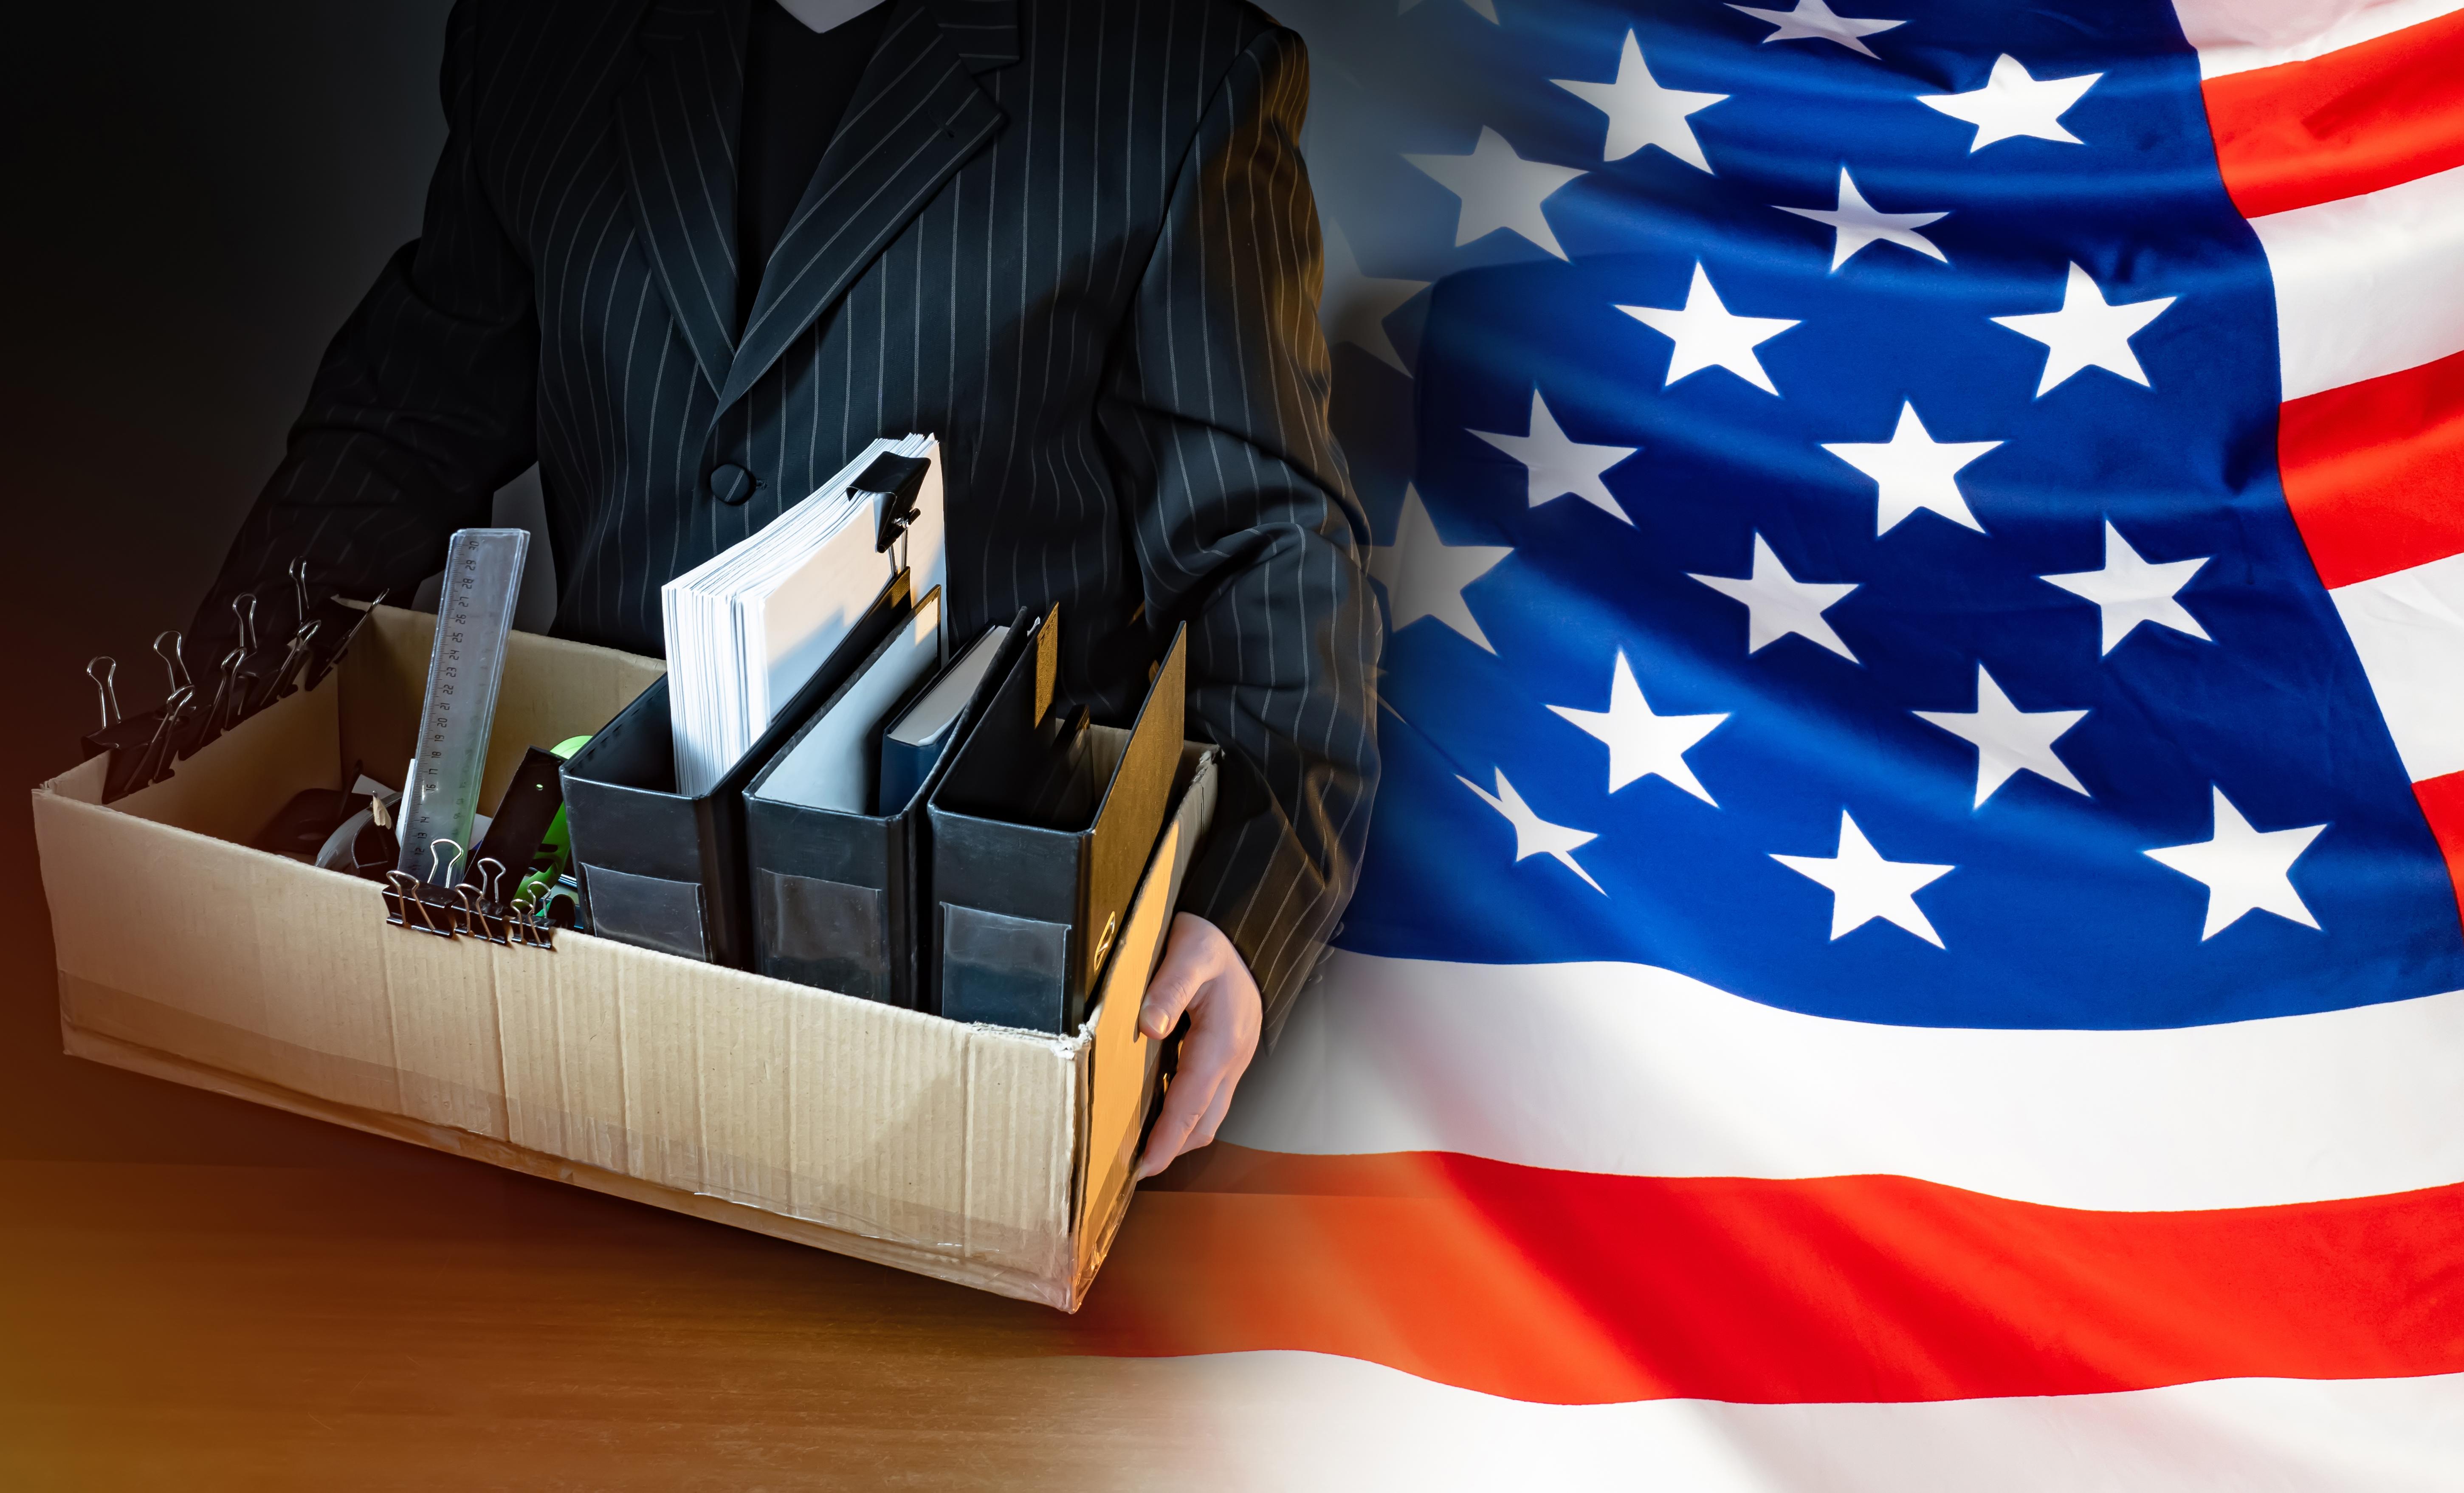 Концепция бизнес-иммиграции в США